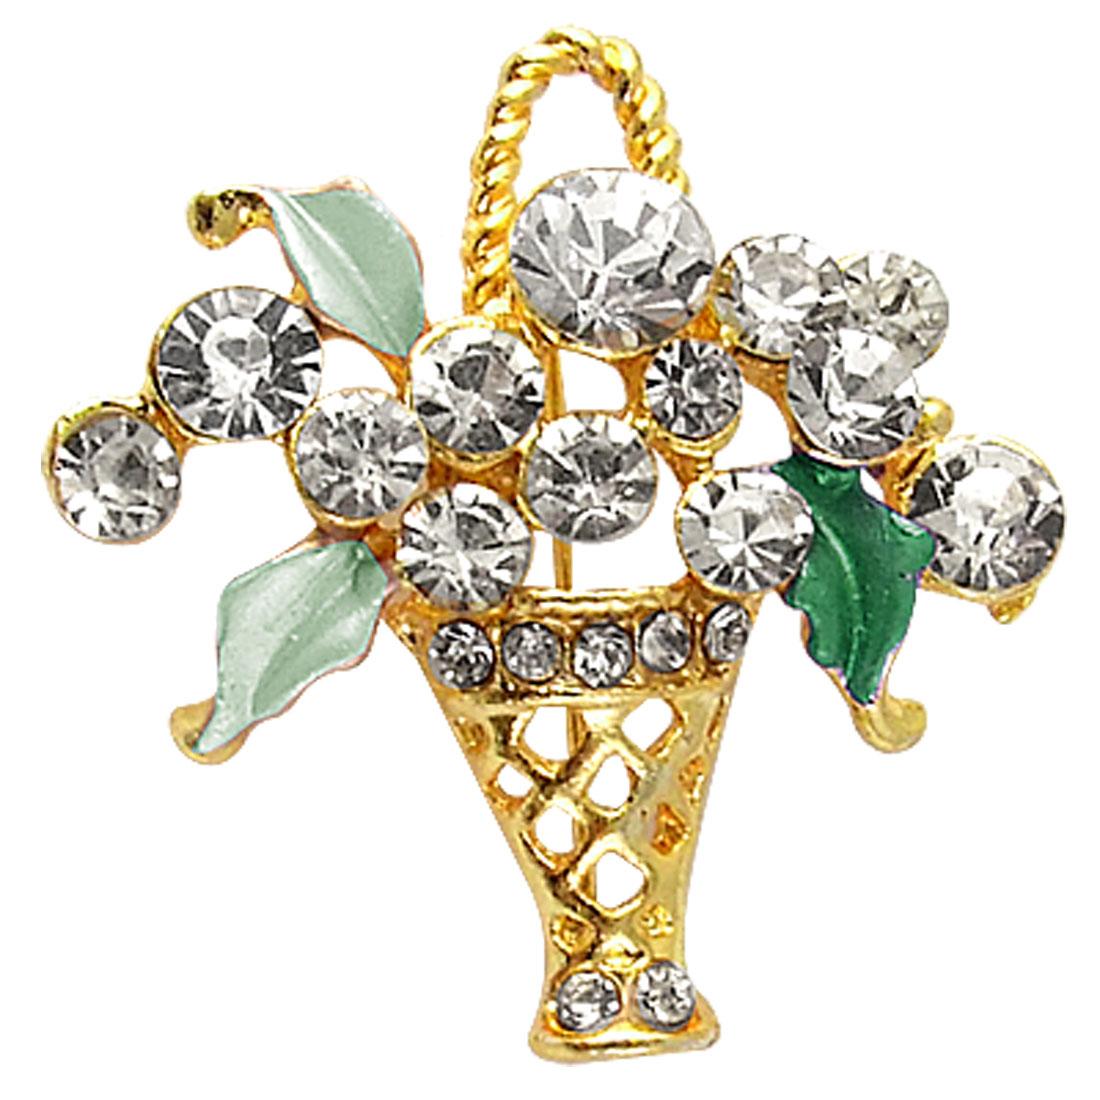 Teal Leaf Floral Rhinestone Inlay Metal Pin Brooch Gift